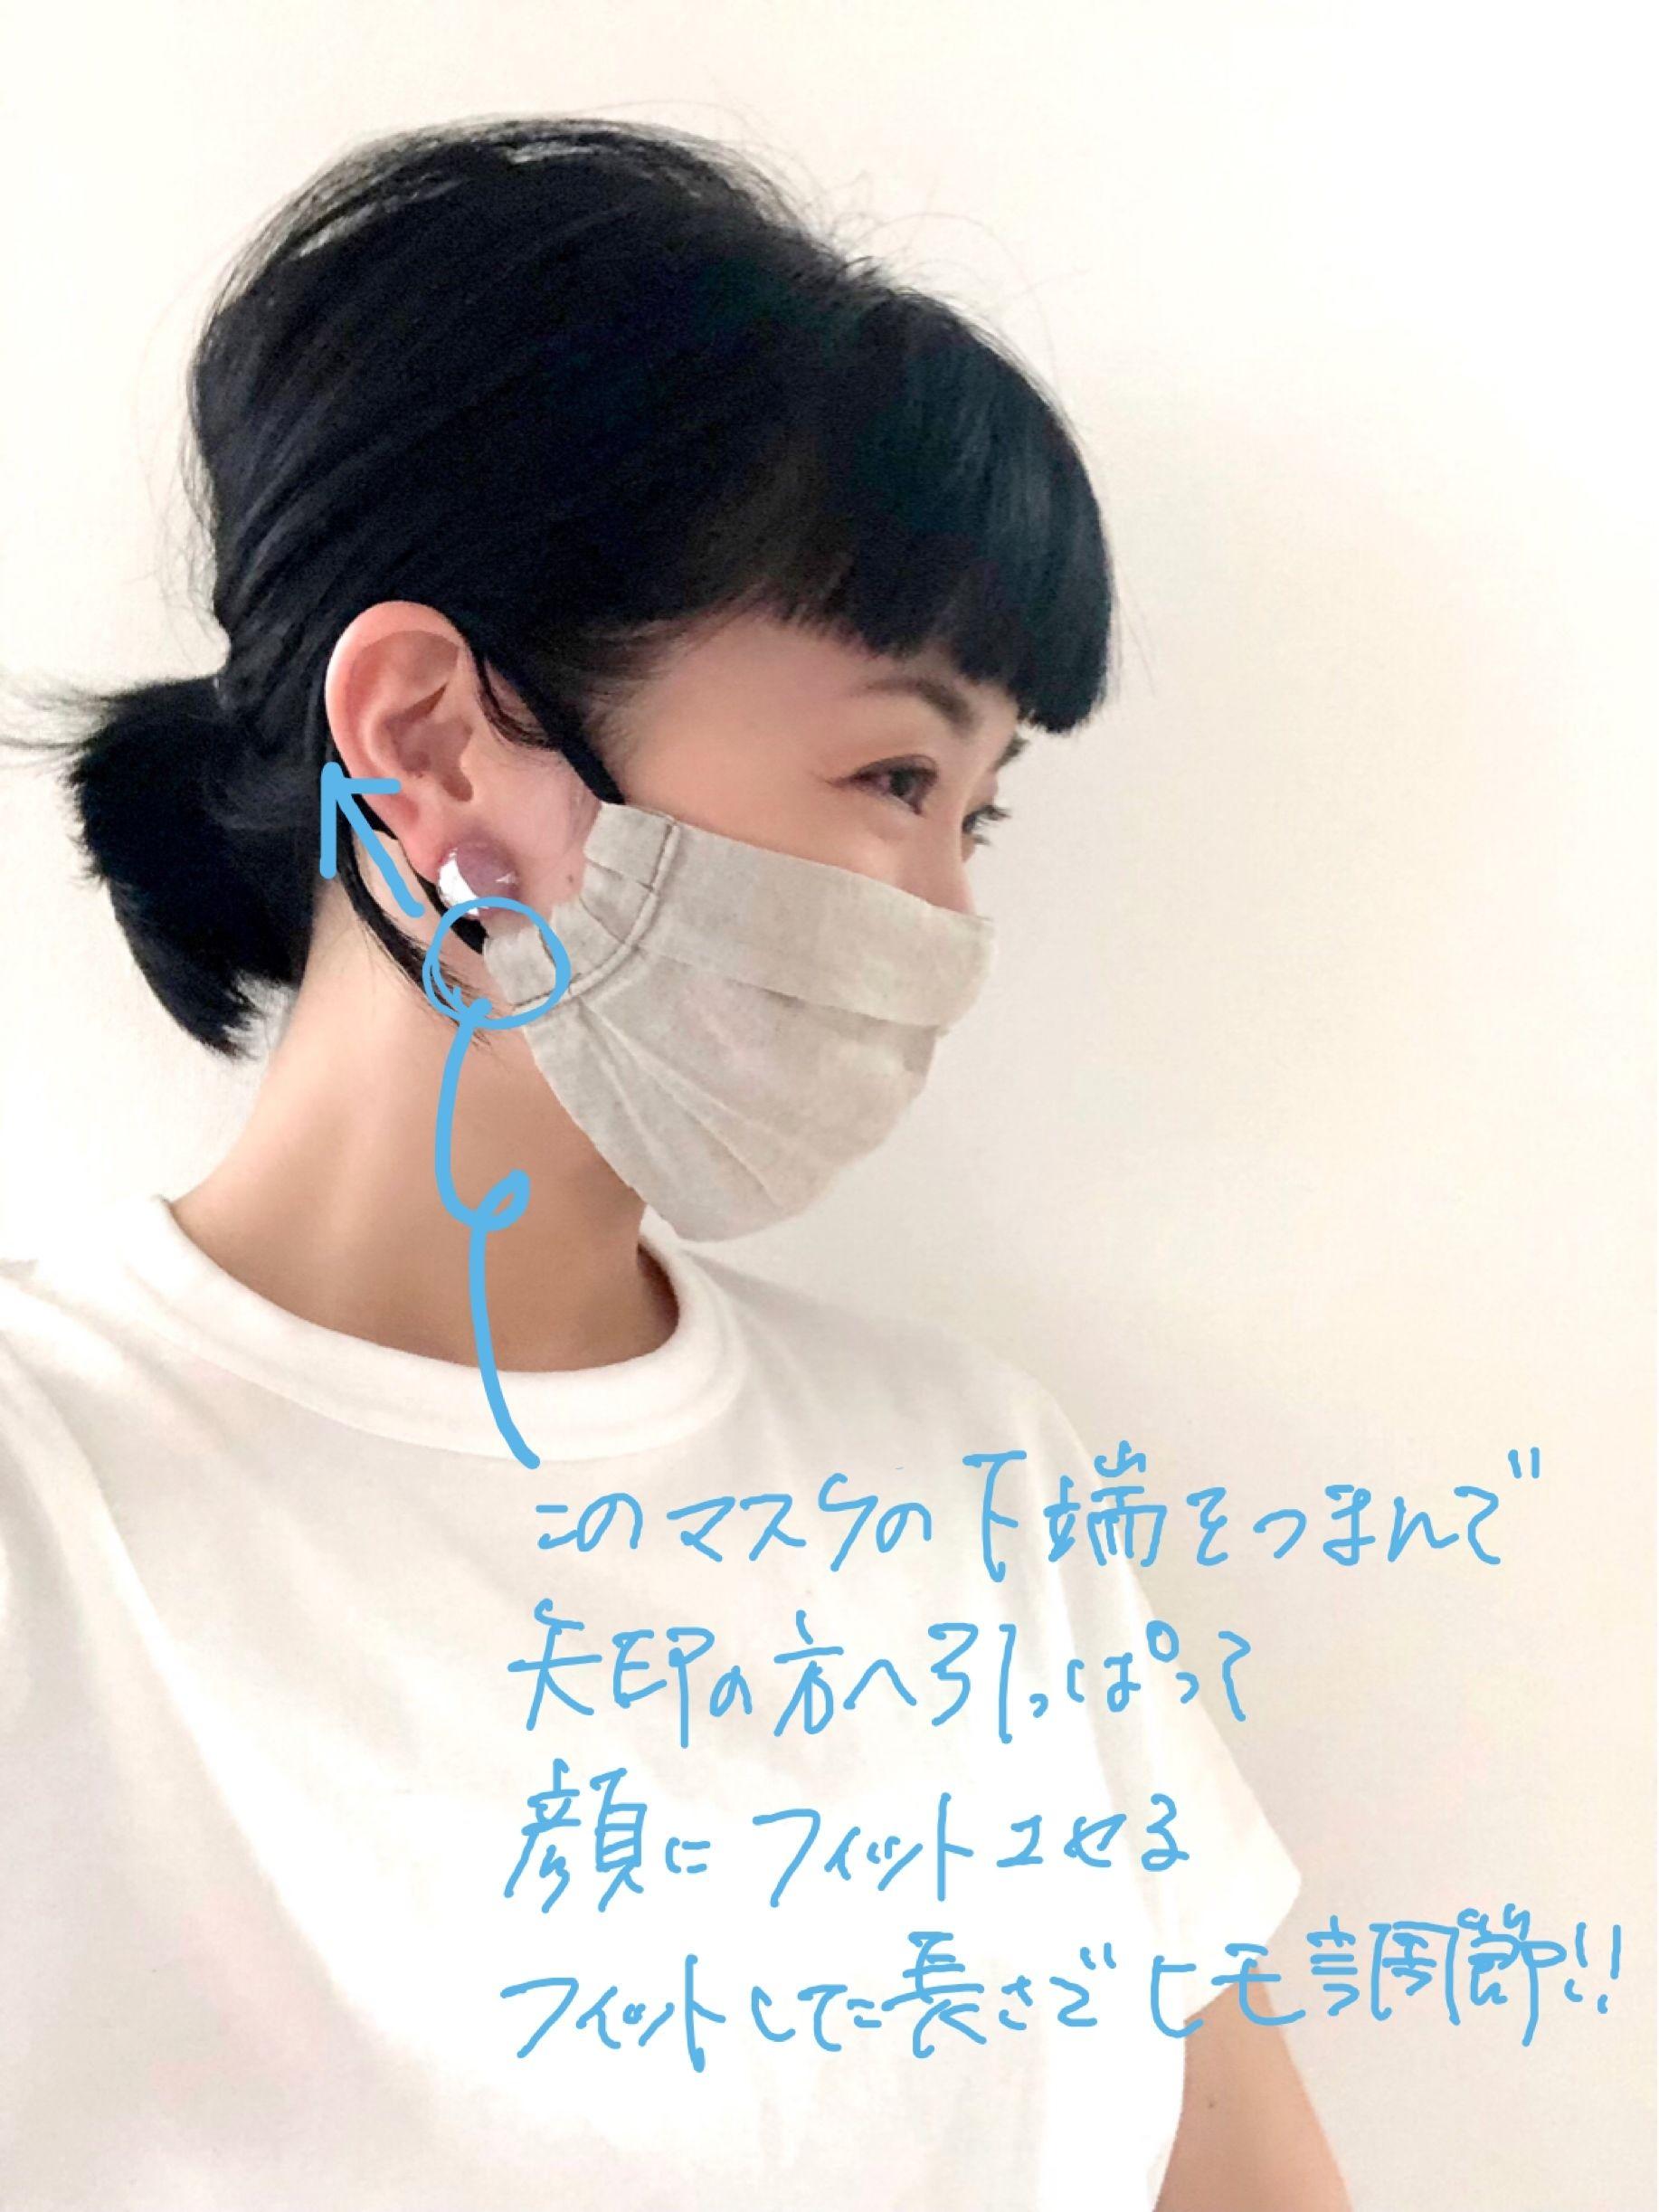 ならない 耳 マスク 痛く の 付け方 が マスクをつけても耳が痛くない方法は?輪ゴムやクリップを使うと痛くない!